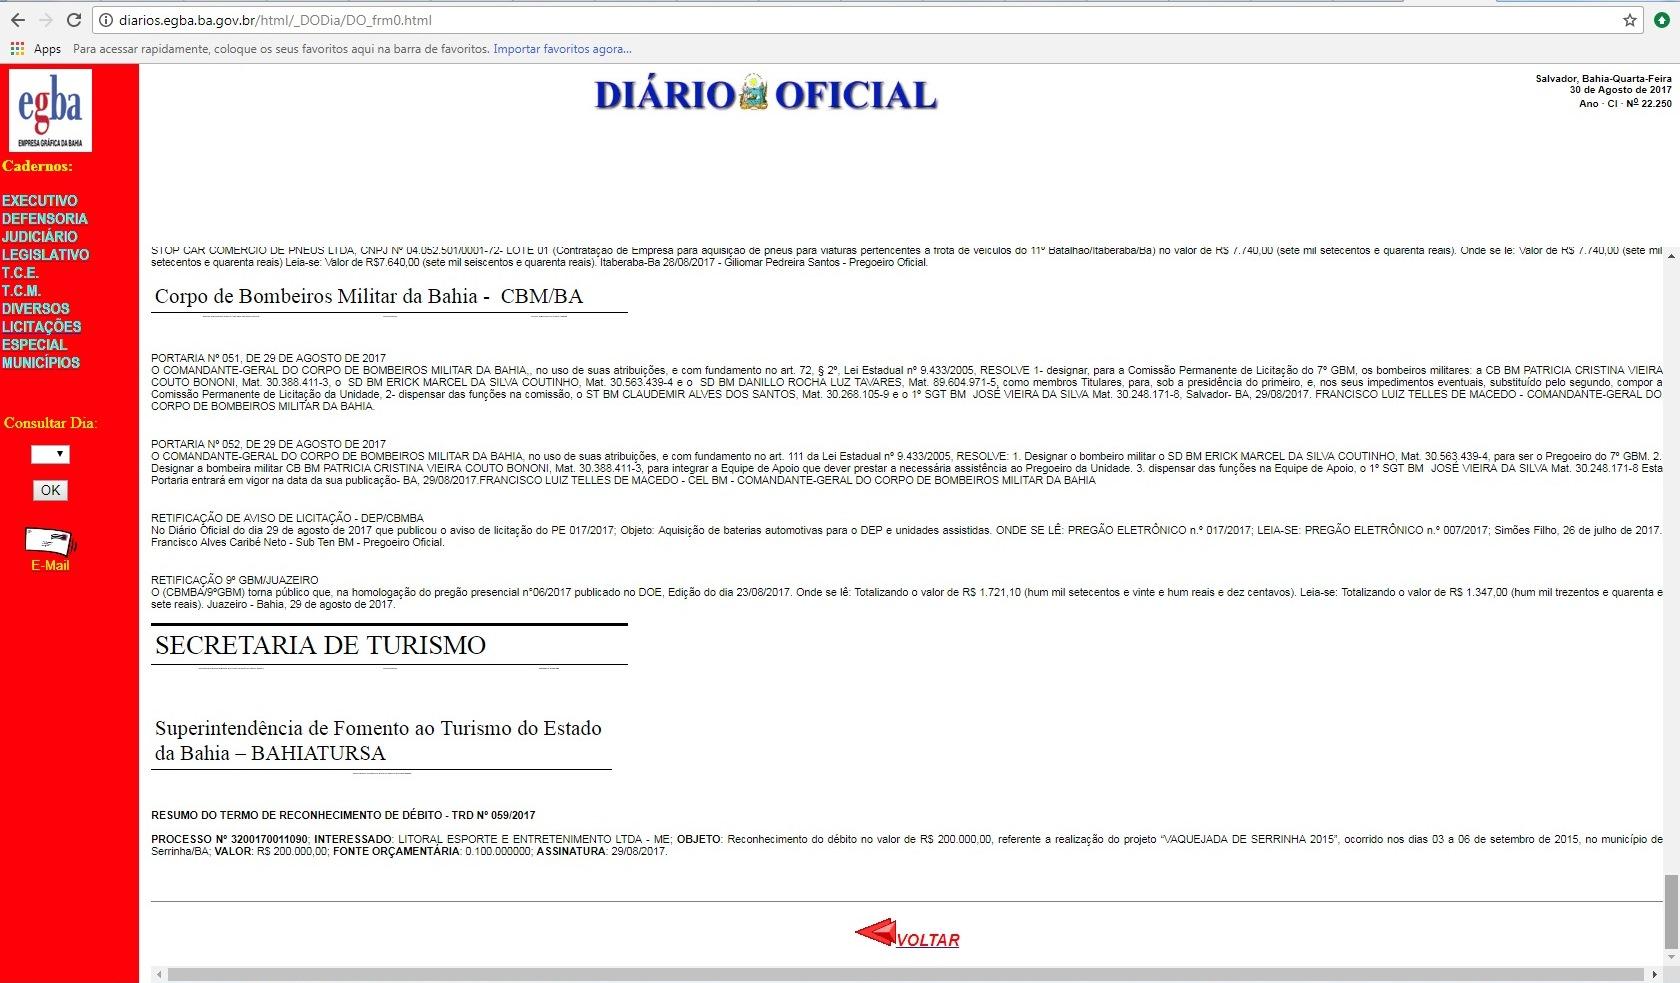 30082017 diario oficial estado reconhecimento debito bahiatursa litoral esporte